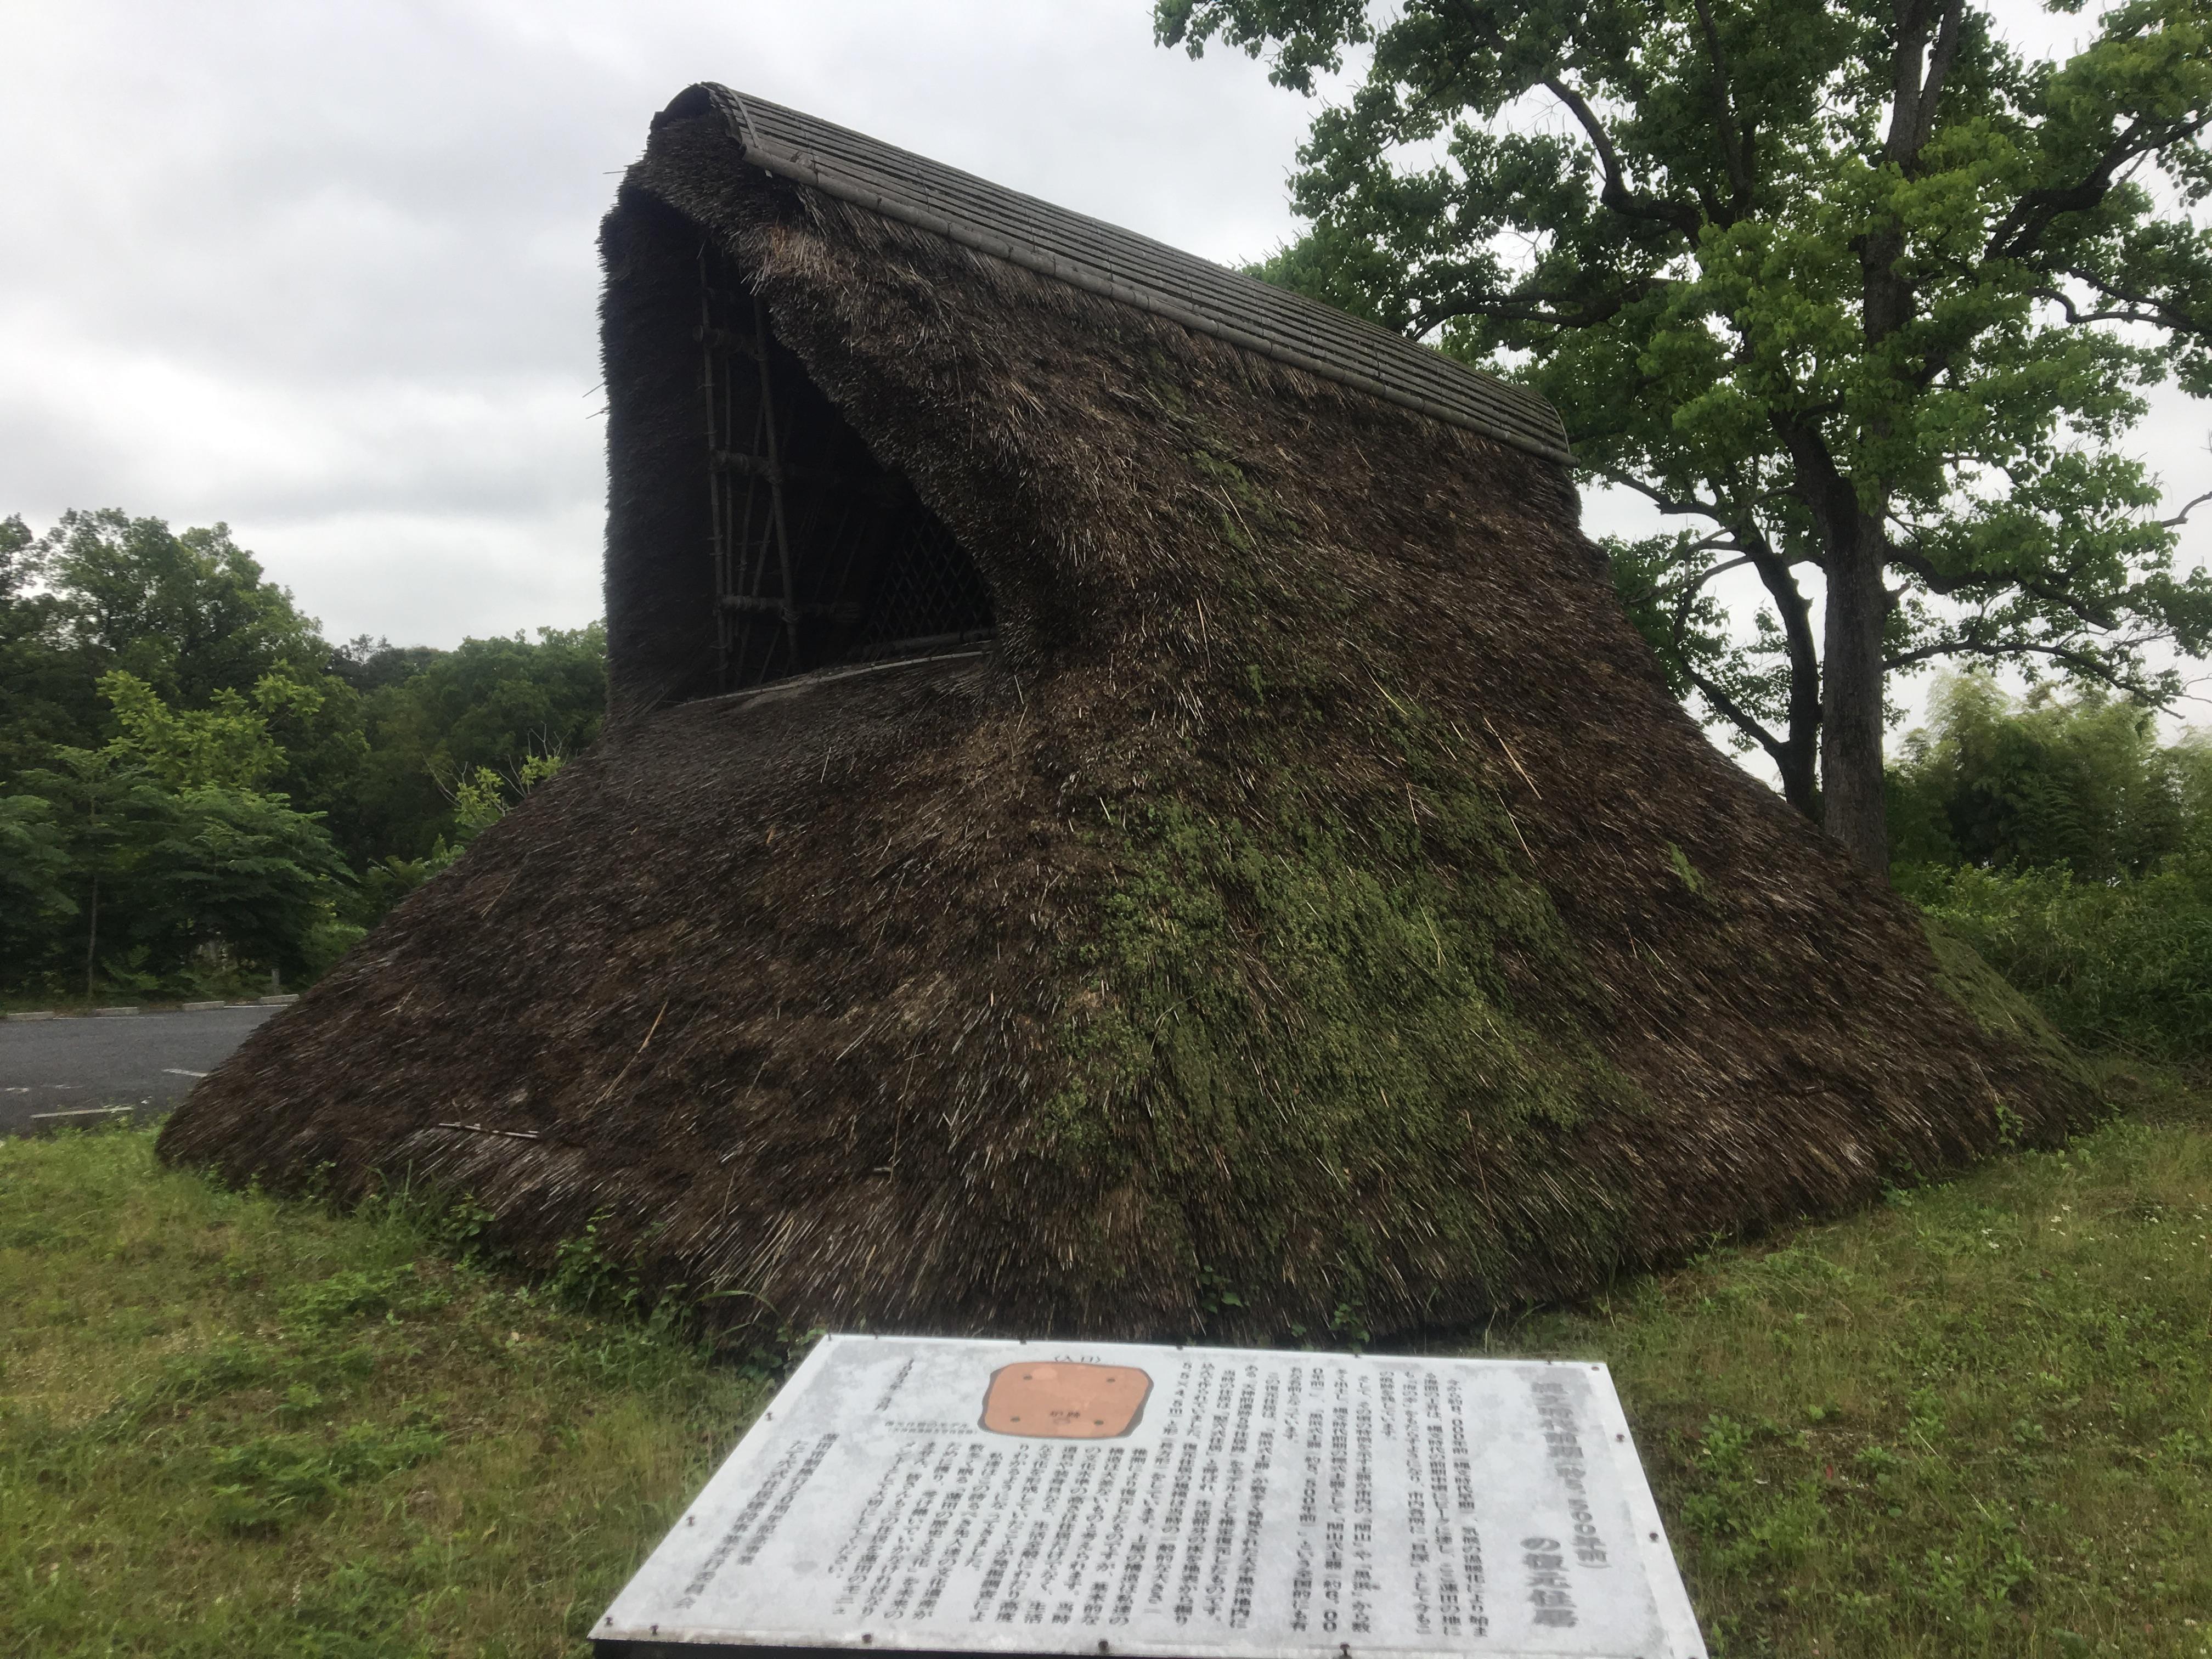 お宝ザクザク!?蓮田市その3 黒浜貝塚で古代人の貝殻発見!